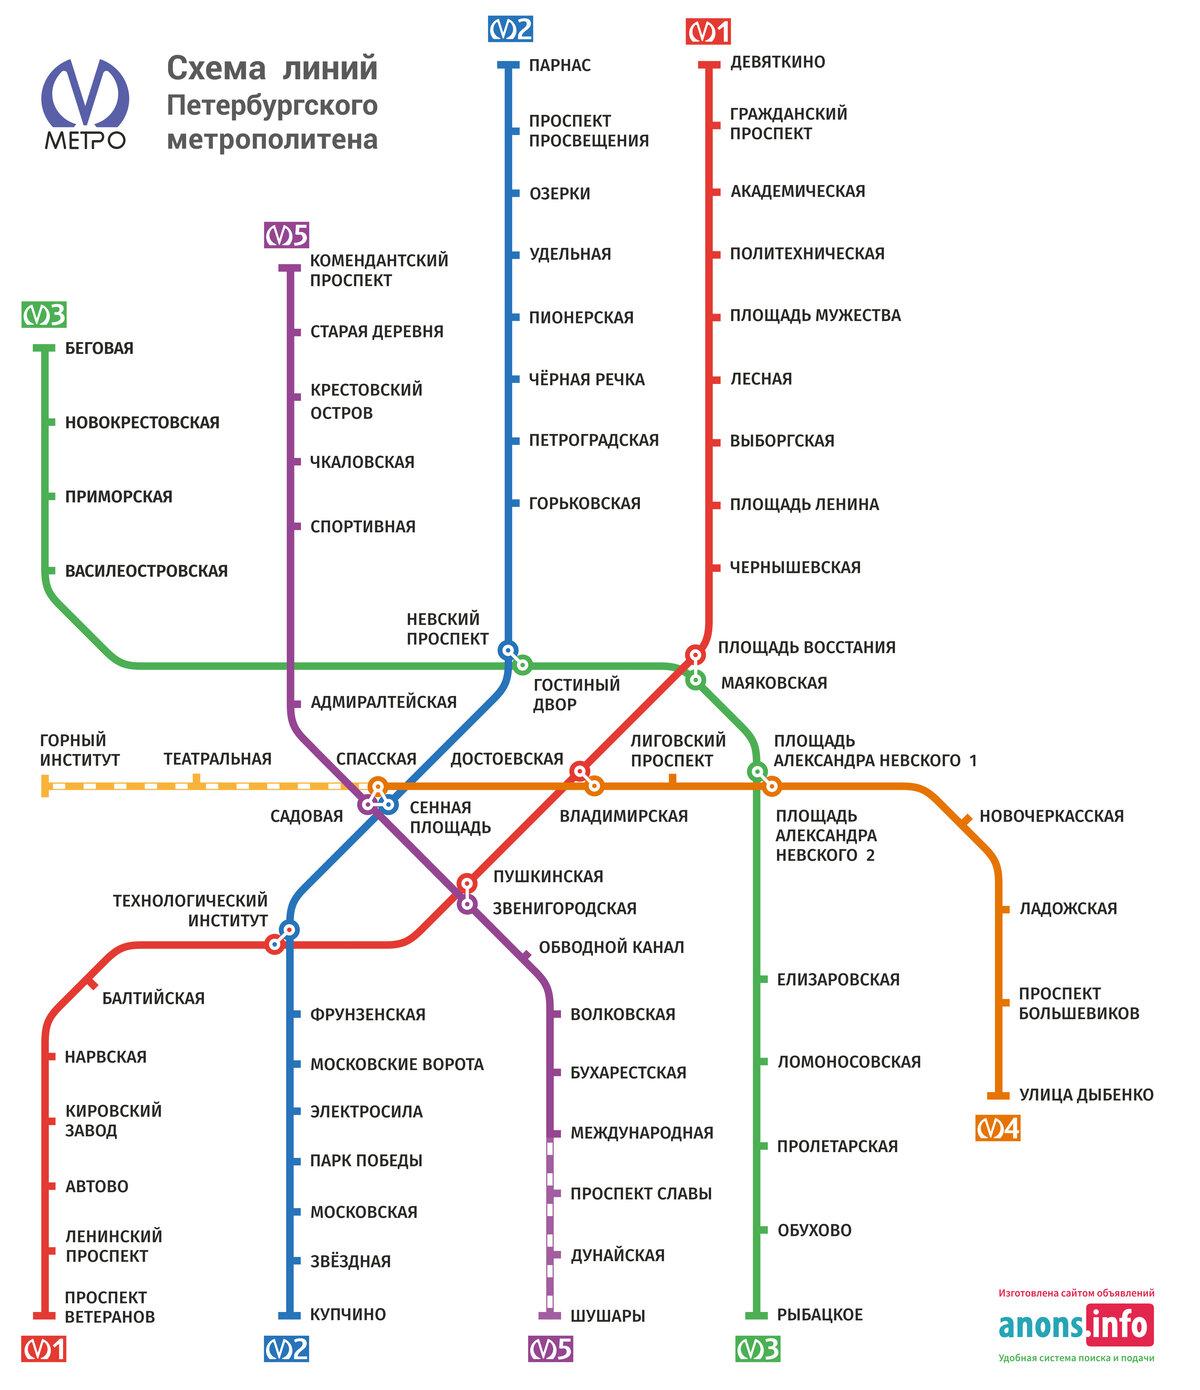 сфотографировалась карта метро спб картинки применяется так часто